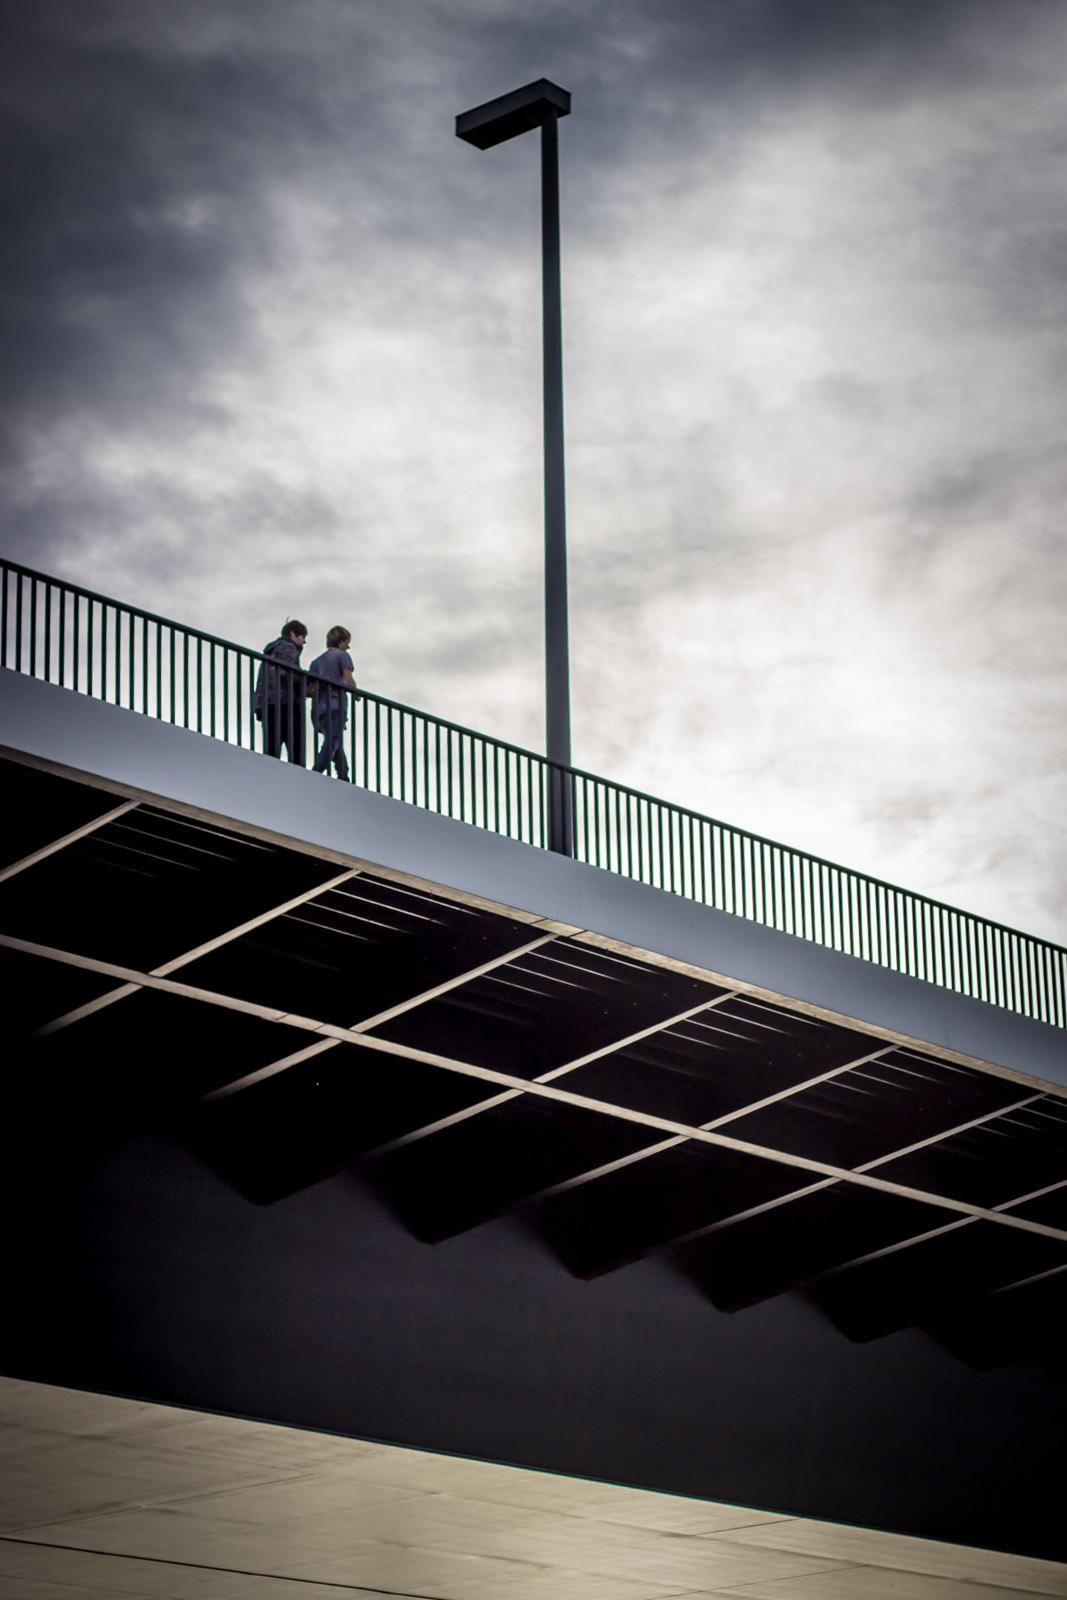 DÜSSELDORF, Oberkasseler Brücke